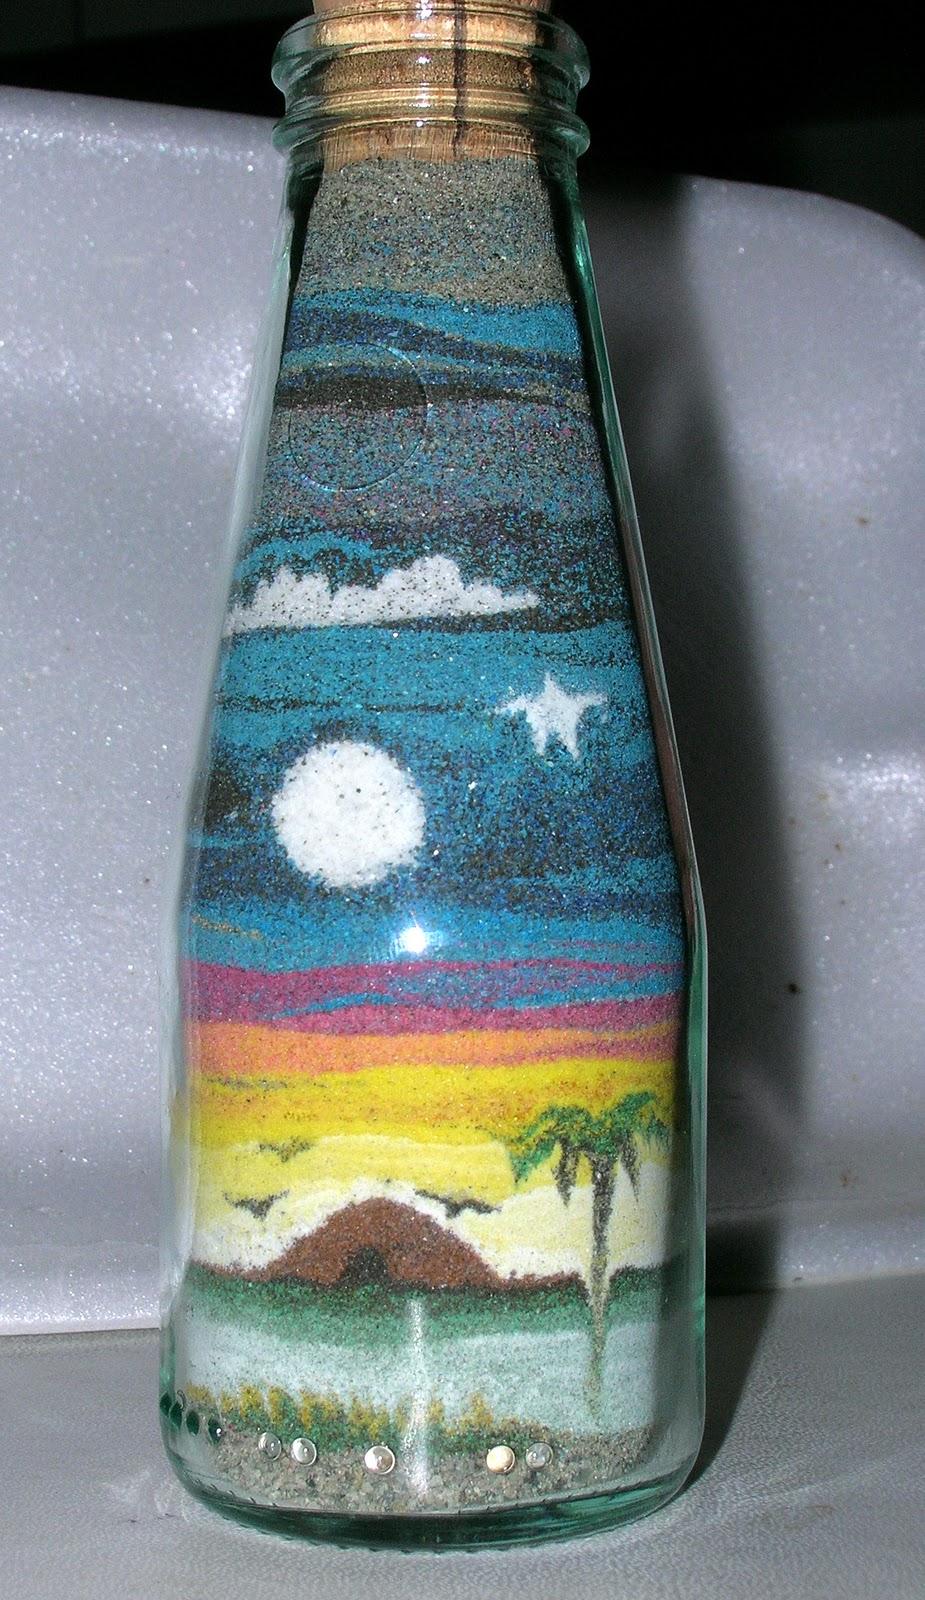 Composizioni In Vetro Piante Grasse : Fra fimo e arte miniature di sabbia colorata